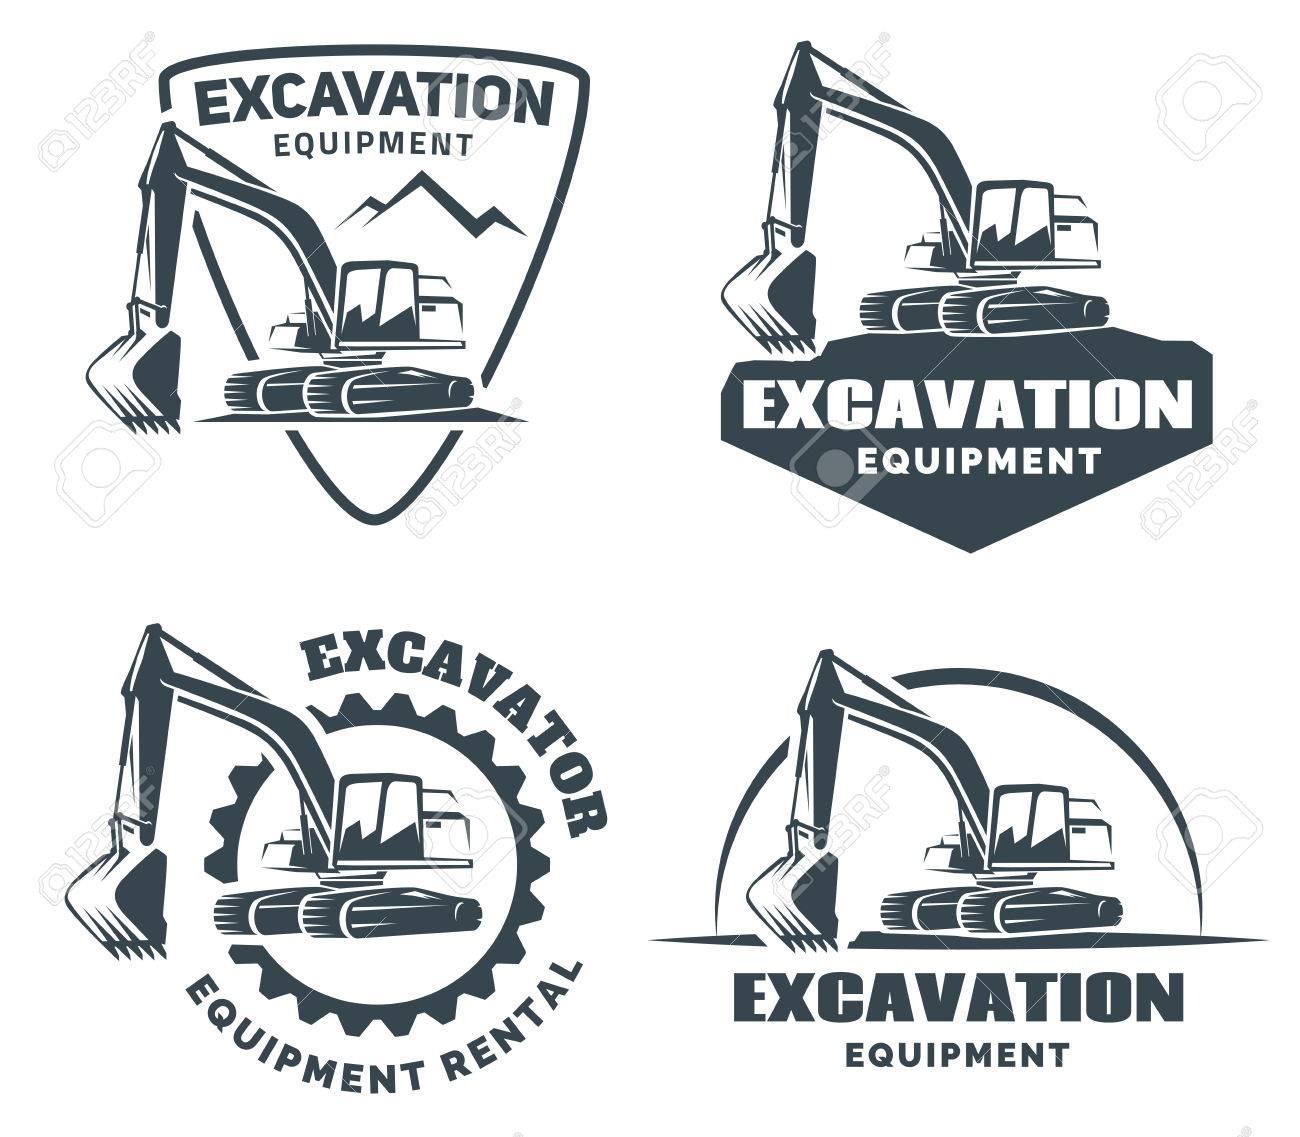 Excavator logo isolated on white background. - 69774092